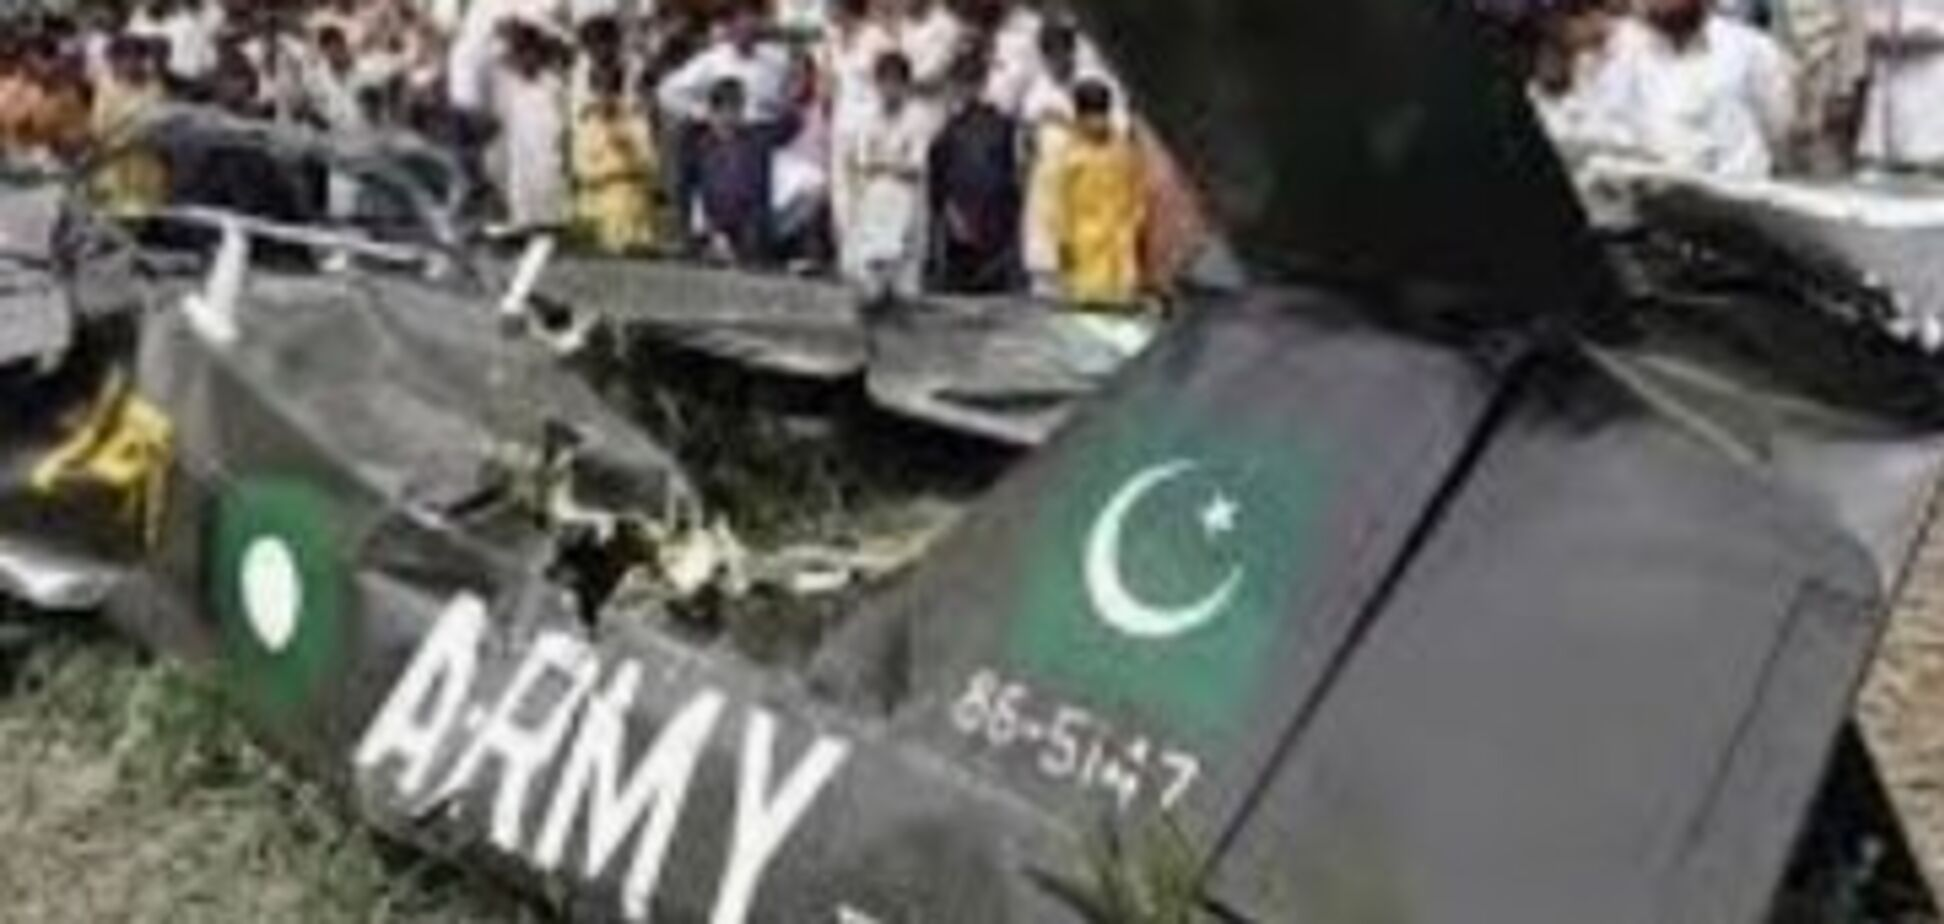 У Пакистані військовий літак врізався у житлові будинки: загинули і поранені десятки людей. Фото і відео авіакатастрофи